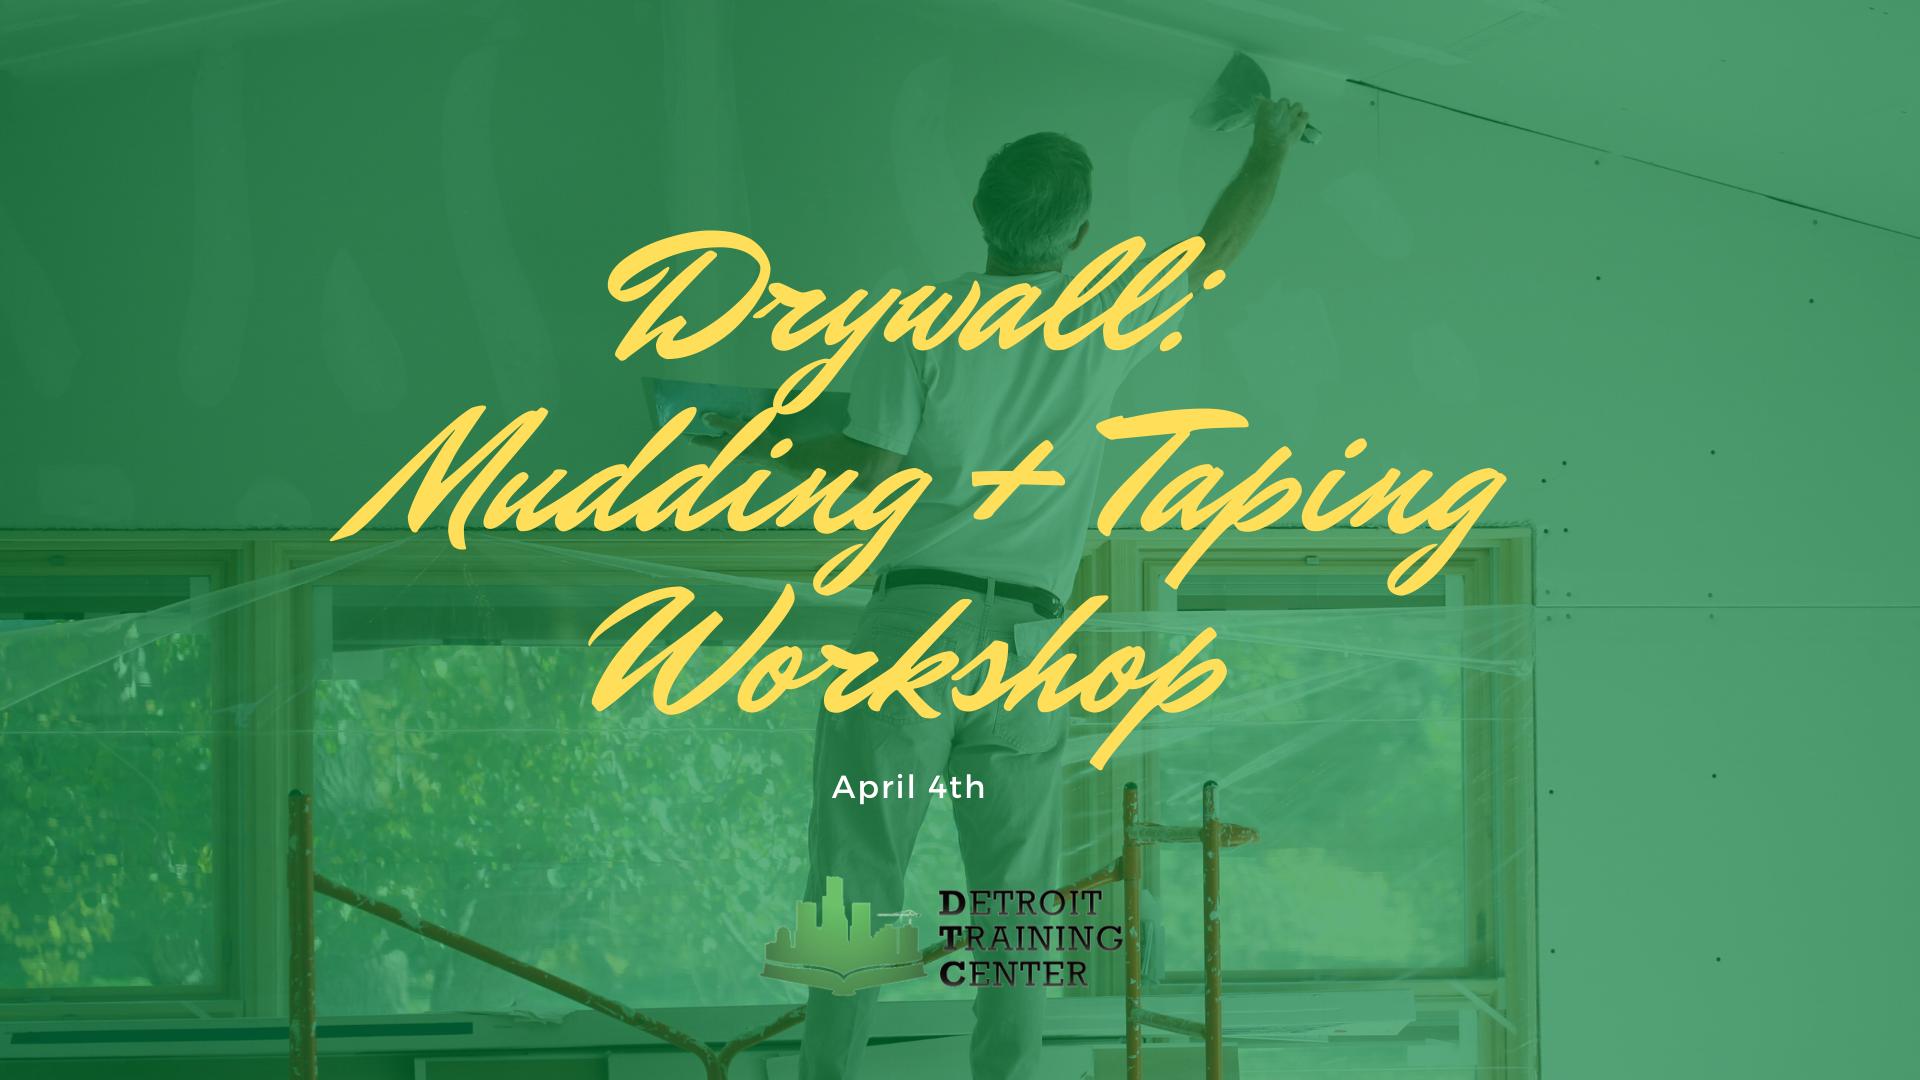 Drywall Mudding & Taping Workshop